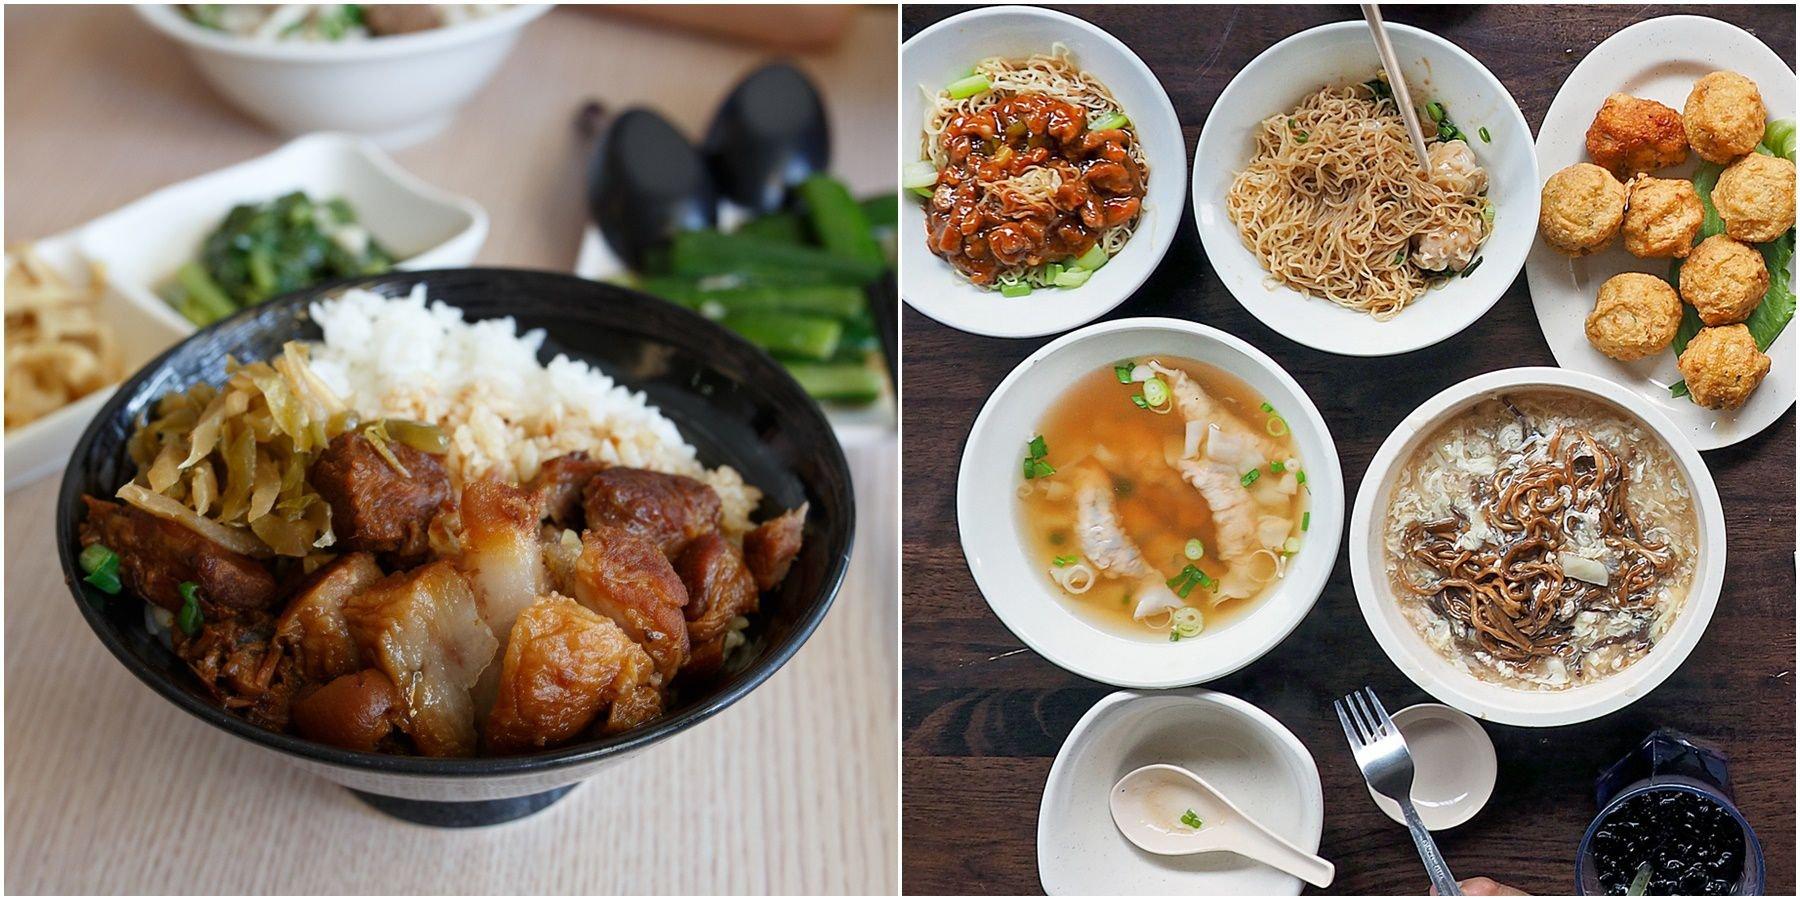 img 5b1f0fc8b853f.png?resize=300,169 - 全球「十大美食城市」公開,台灣這座城市也上榜